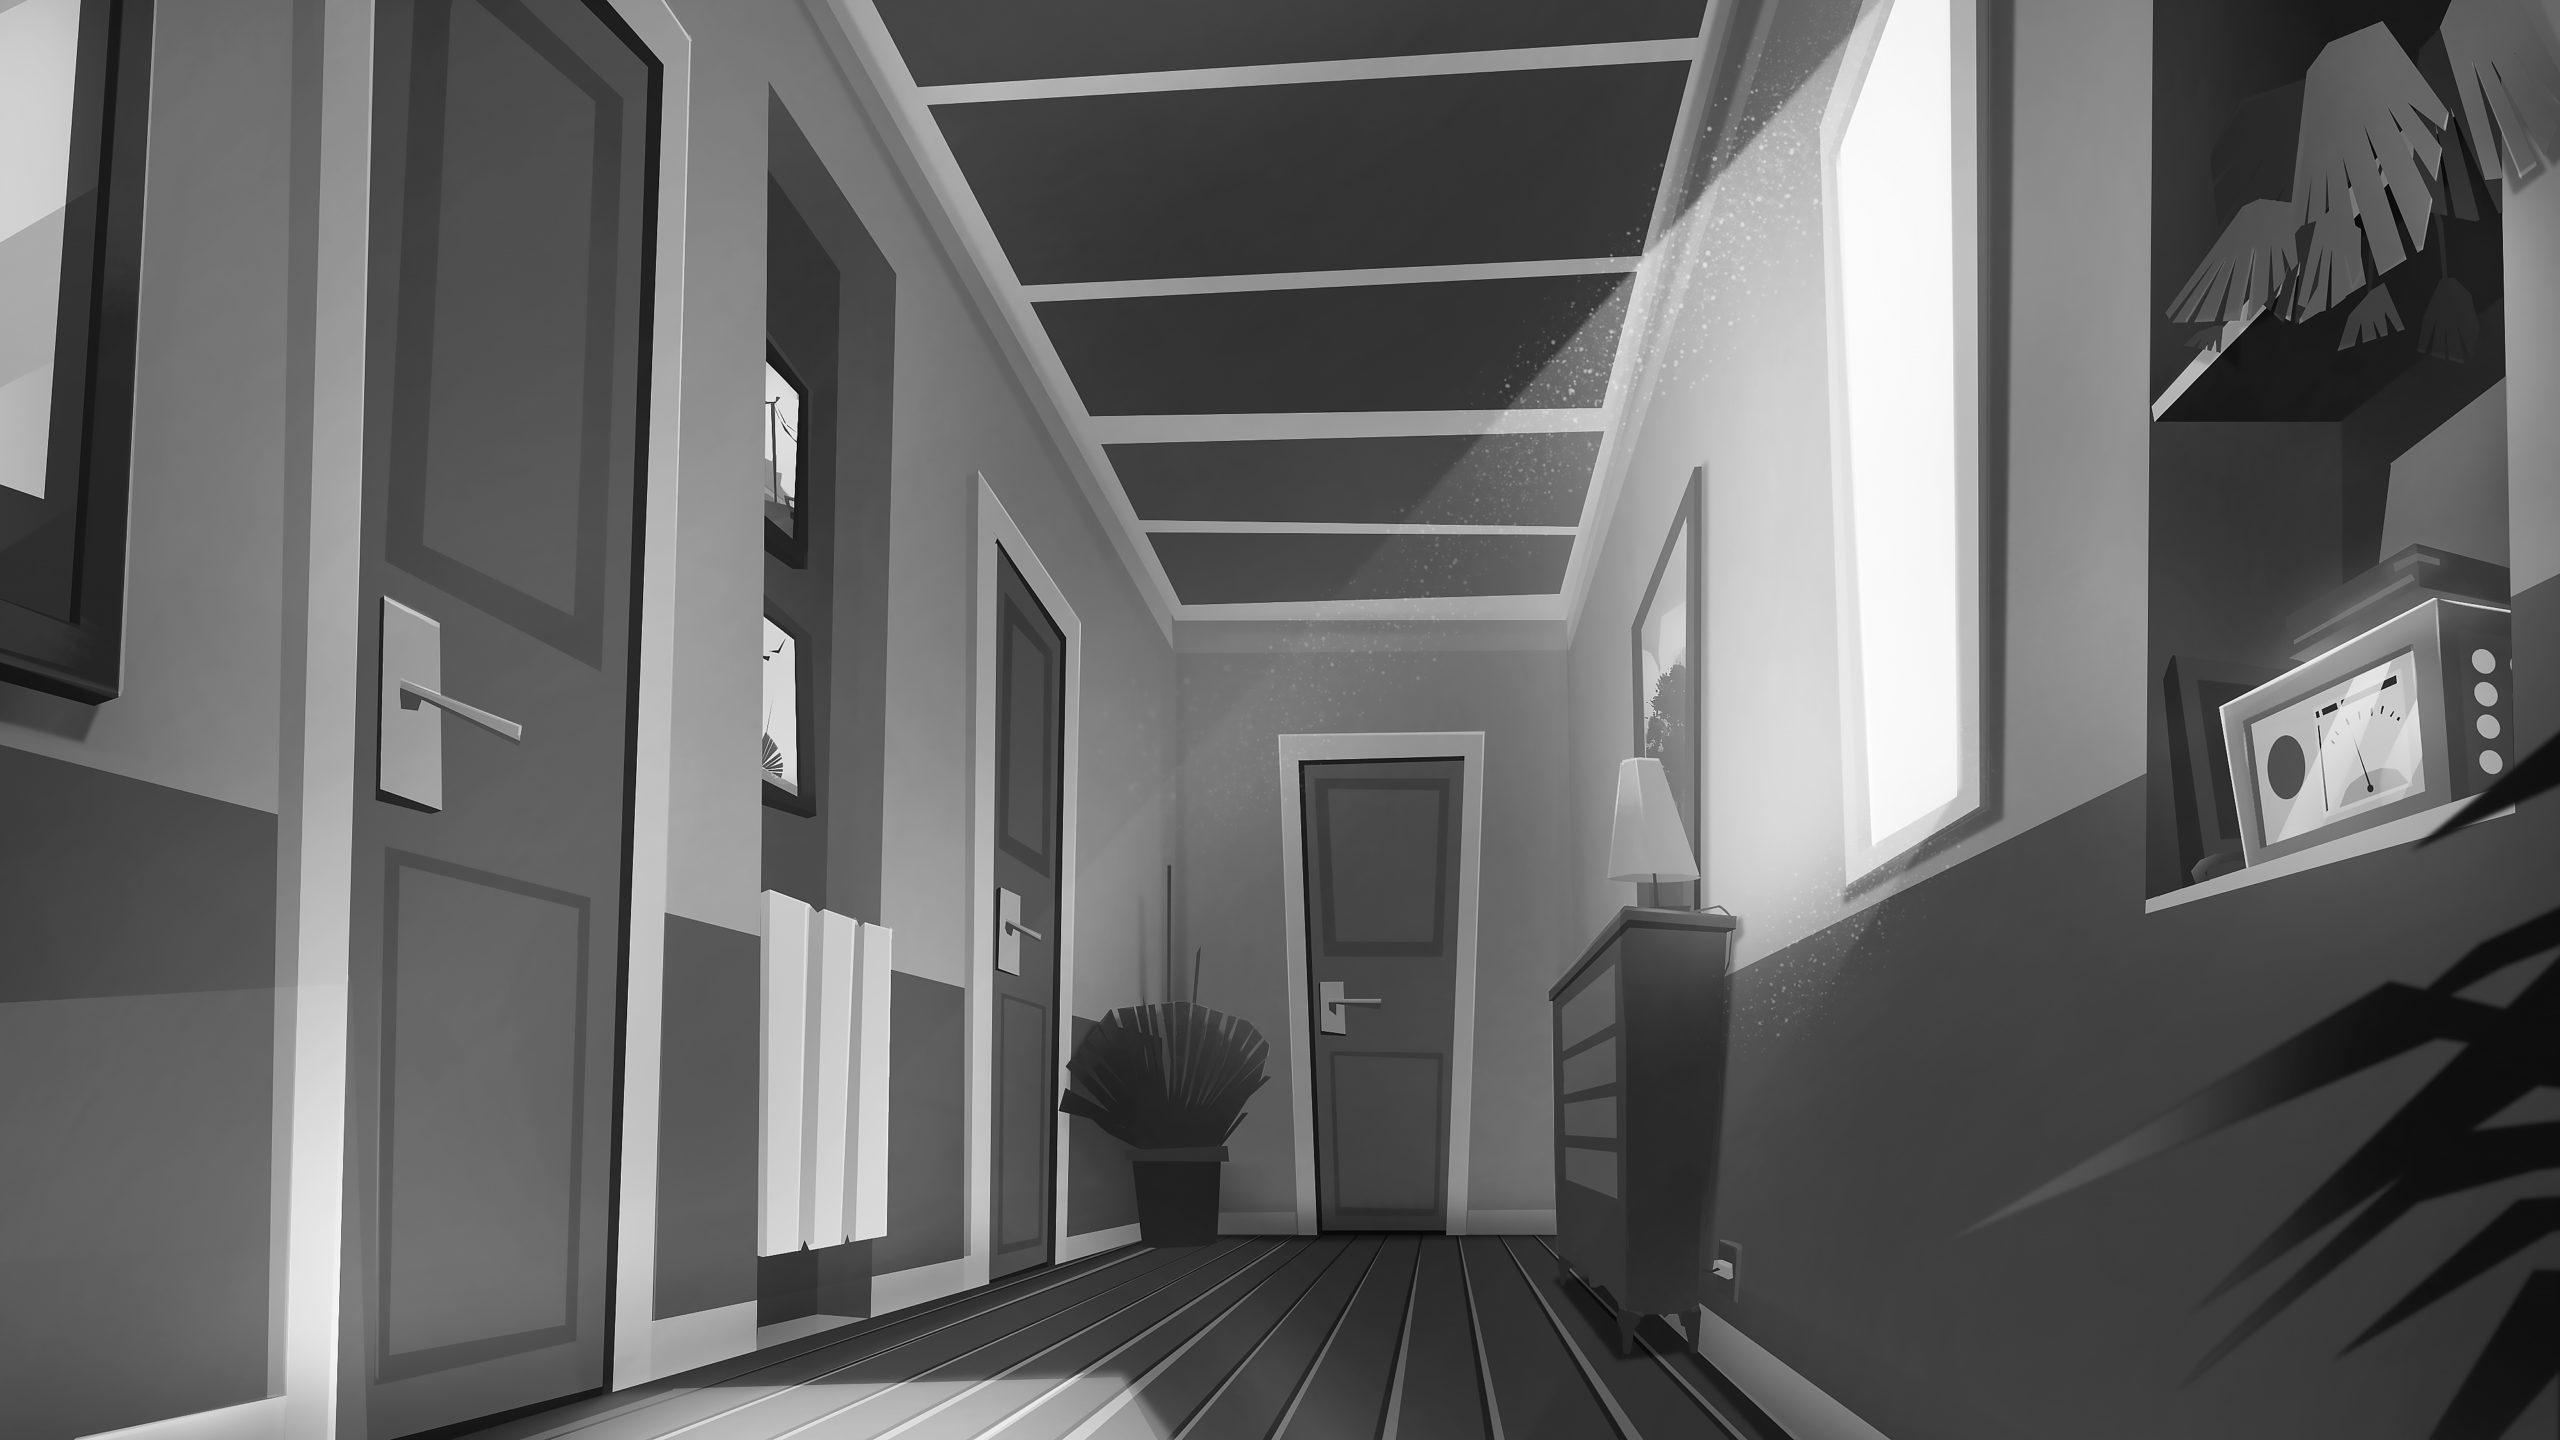 corridor with light concept background noir et blanc romain laforet